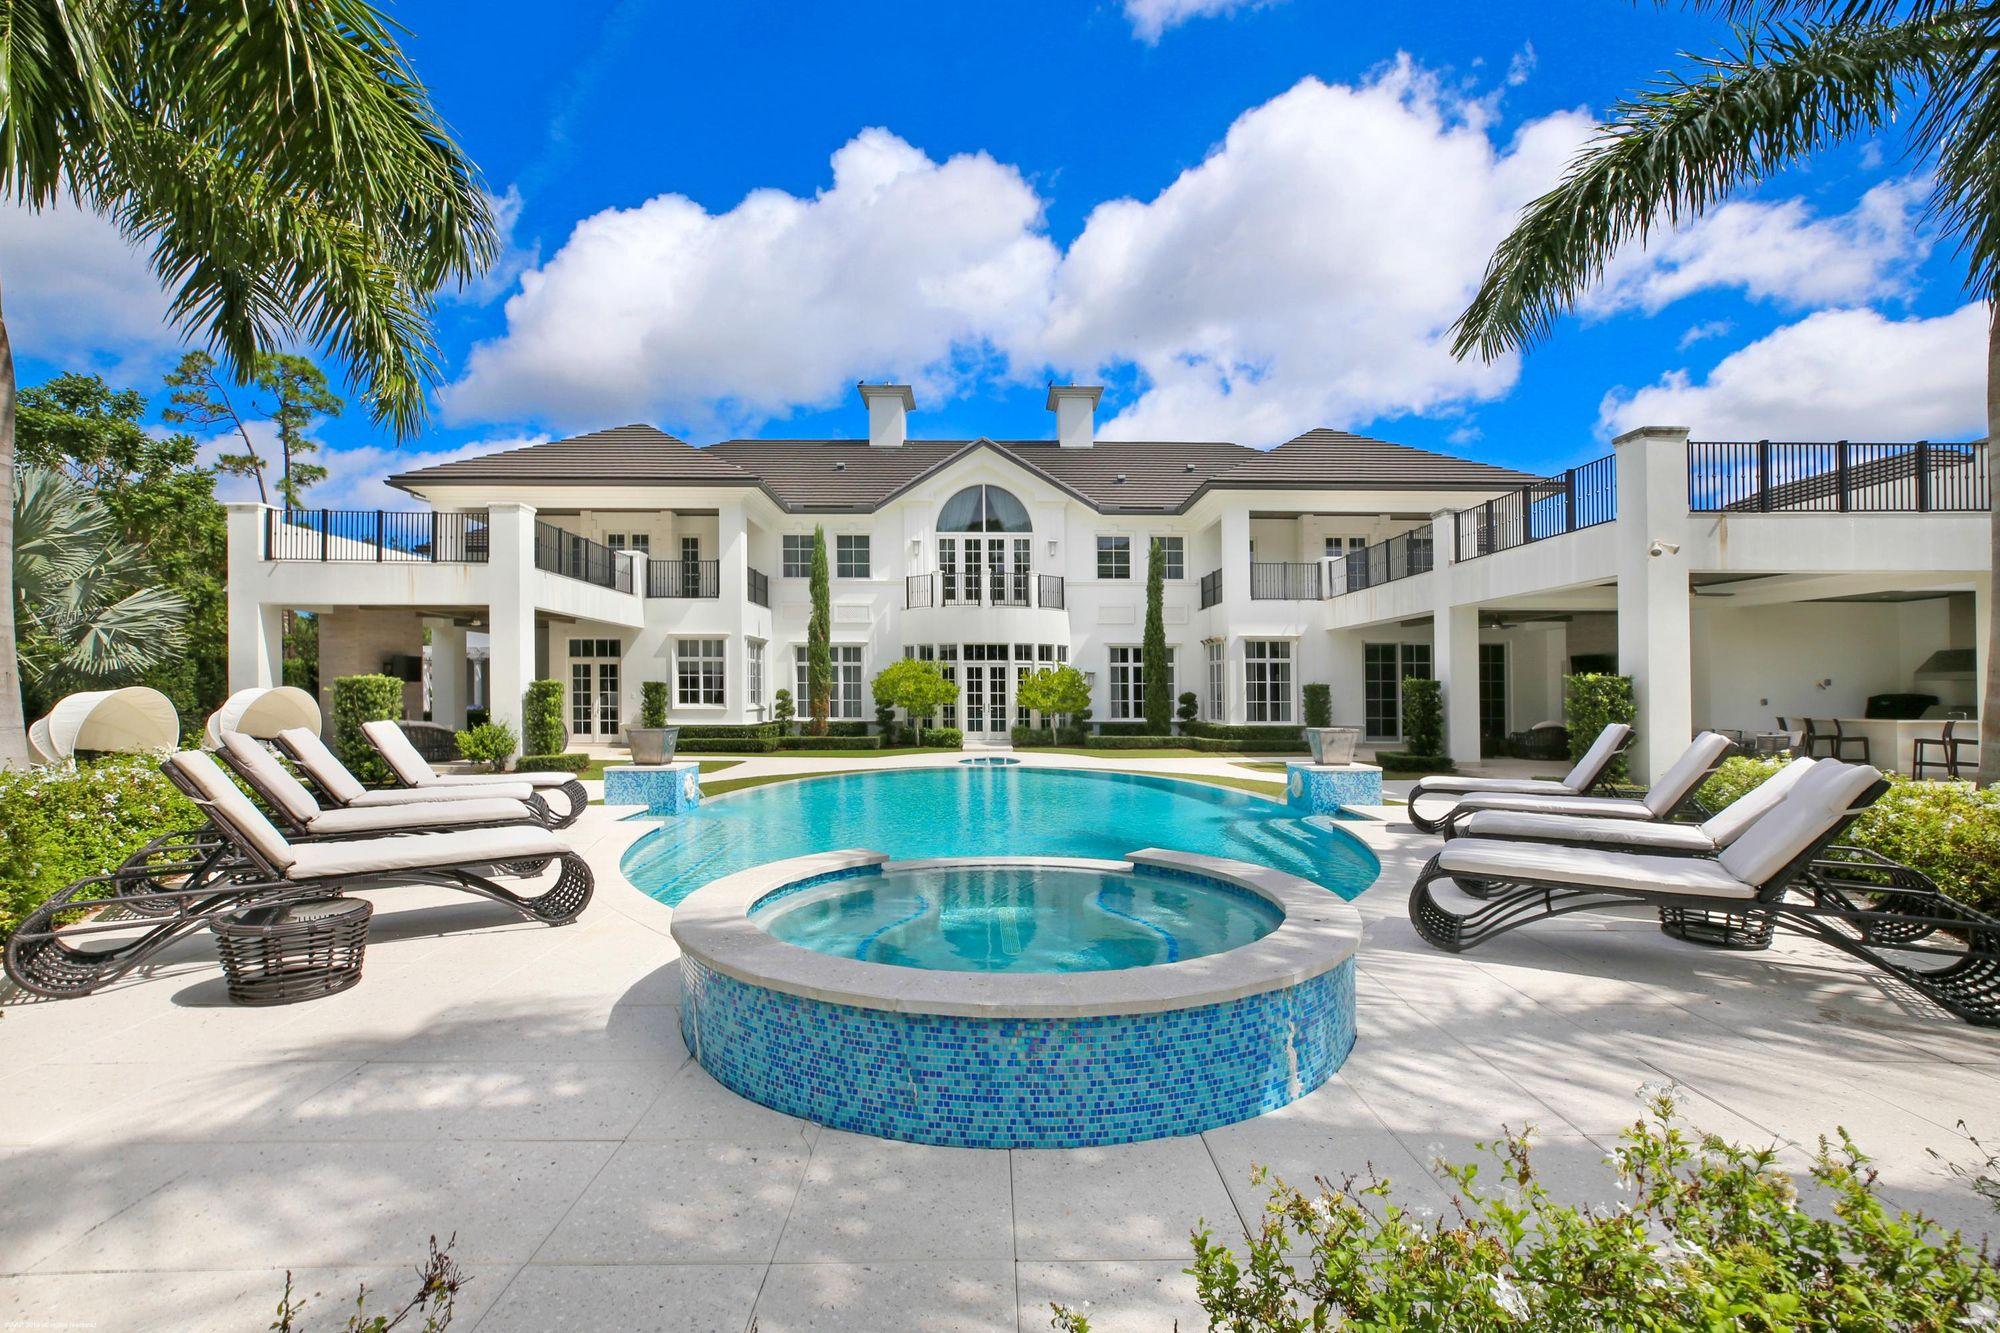 db5293ff12a97f636d7b0497ffec5622 - Mansions For Sale In Palm Beach Gardens